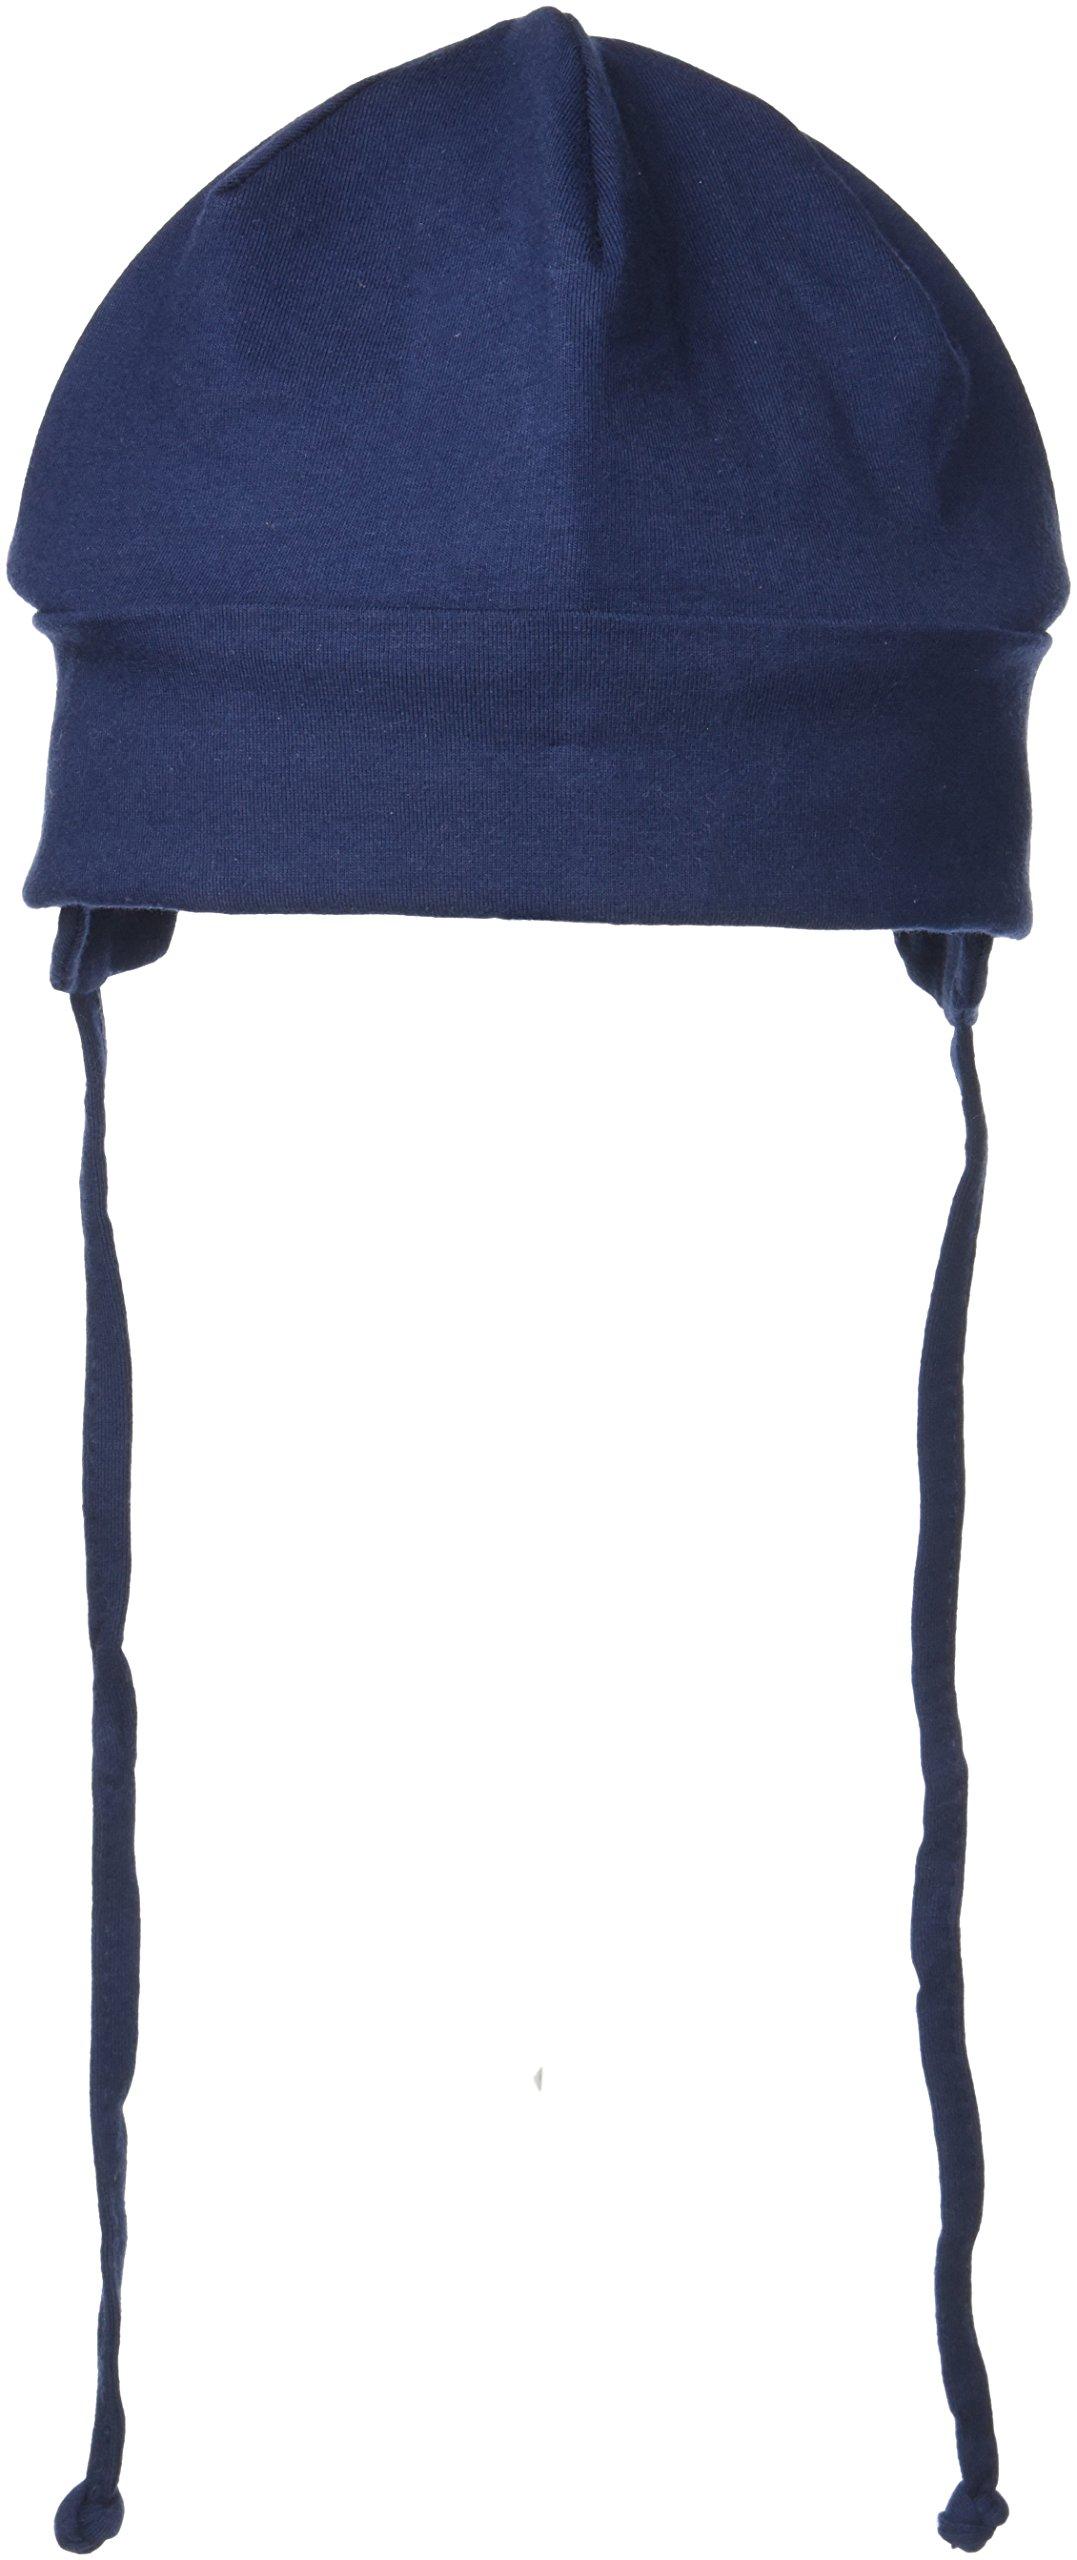 Sterntaler Mütze/Stirnband